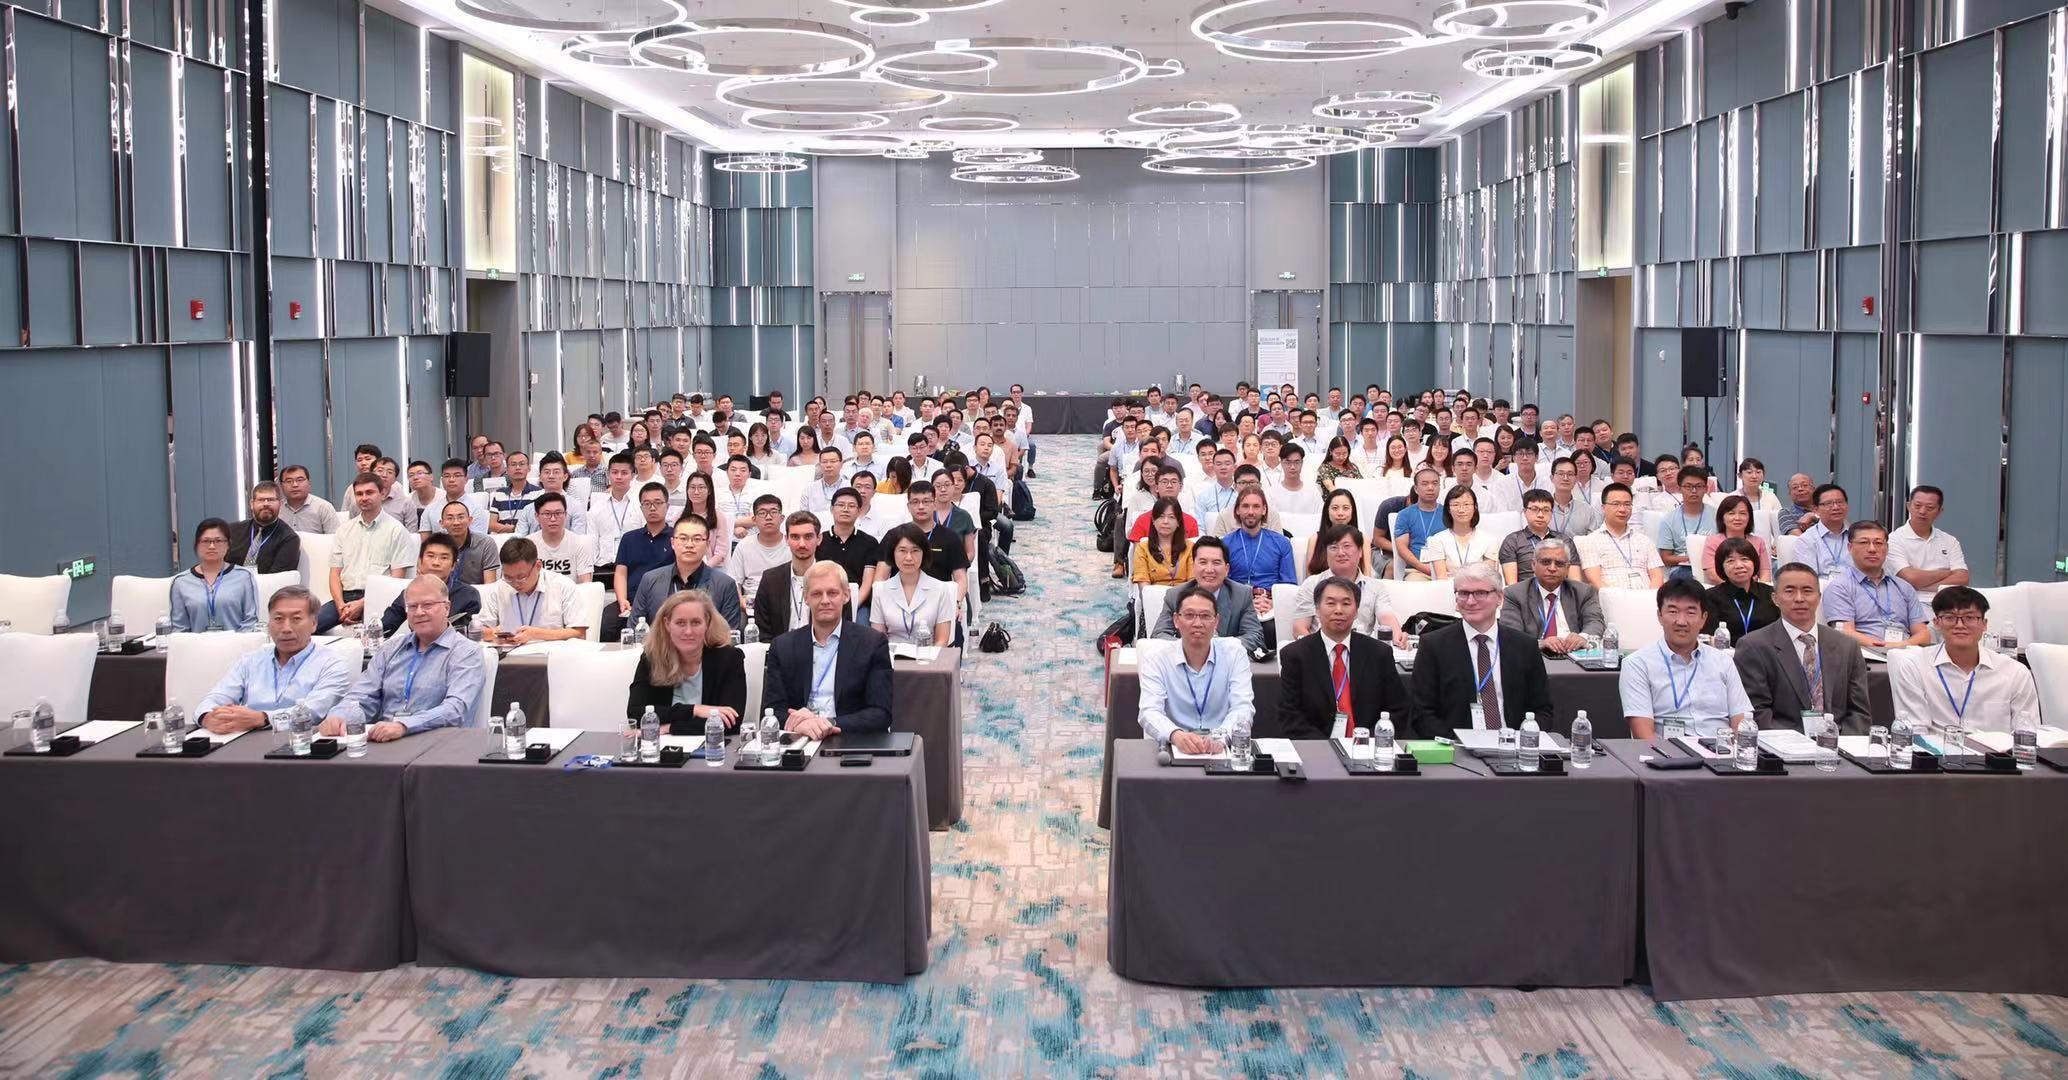 2019世界燃料电池大会在上海隆重举行